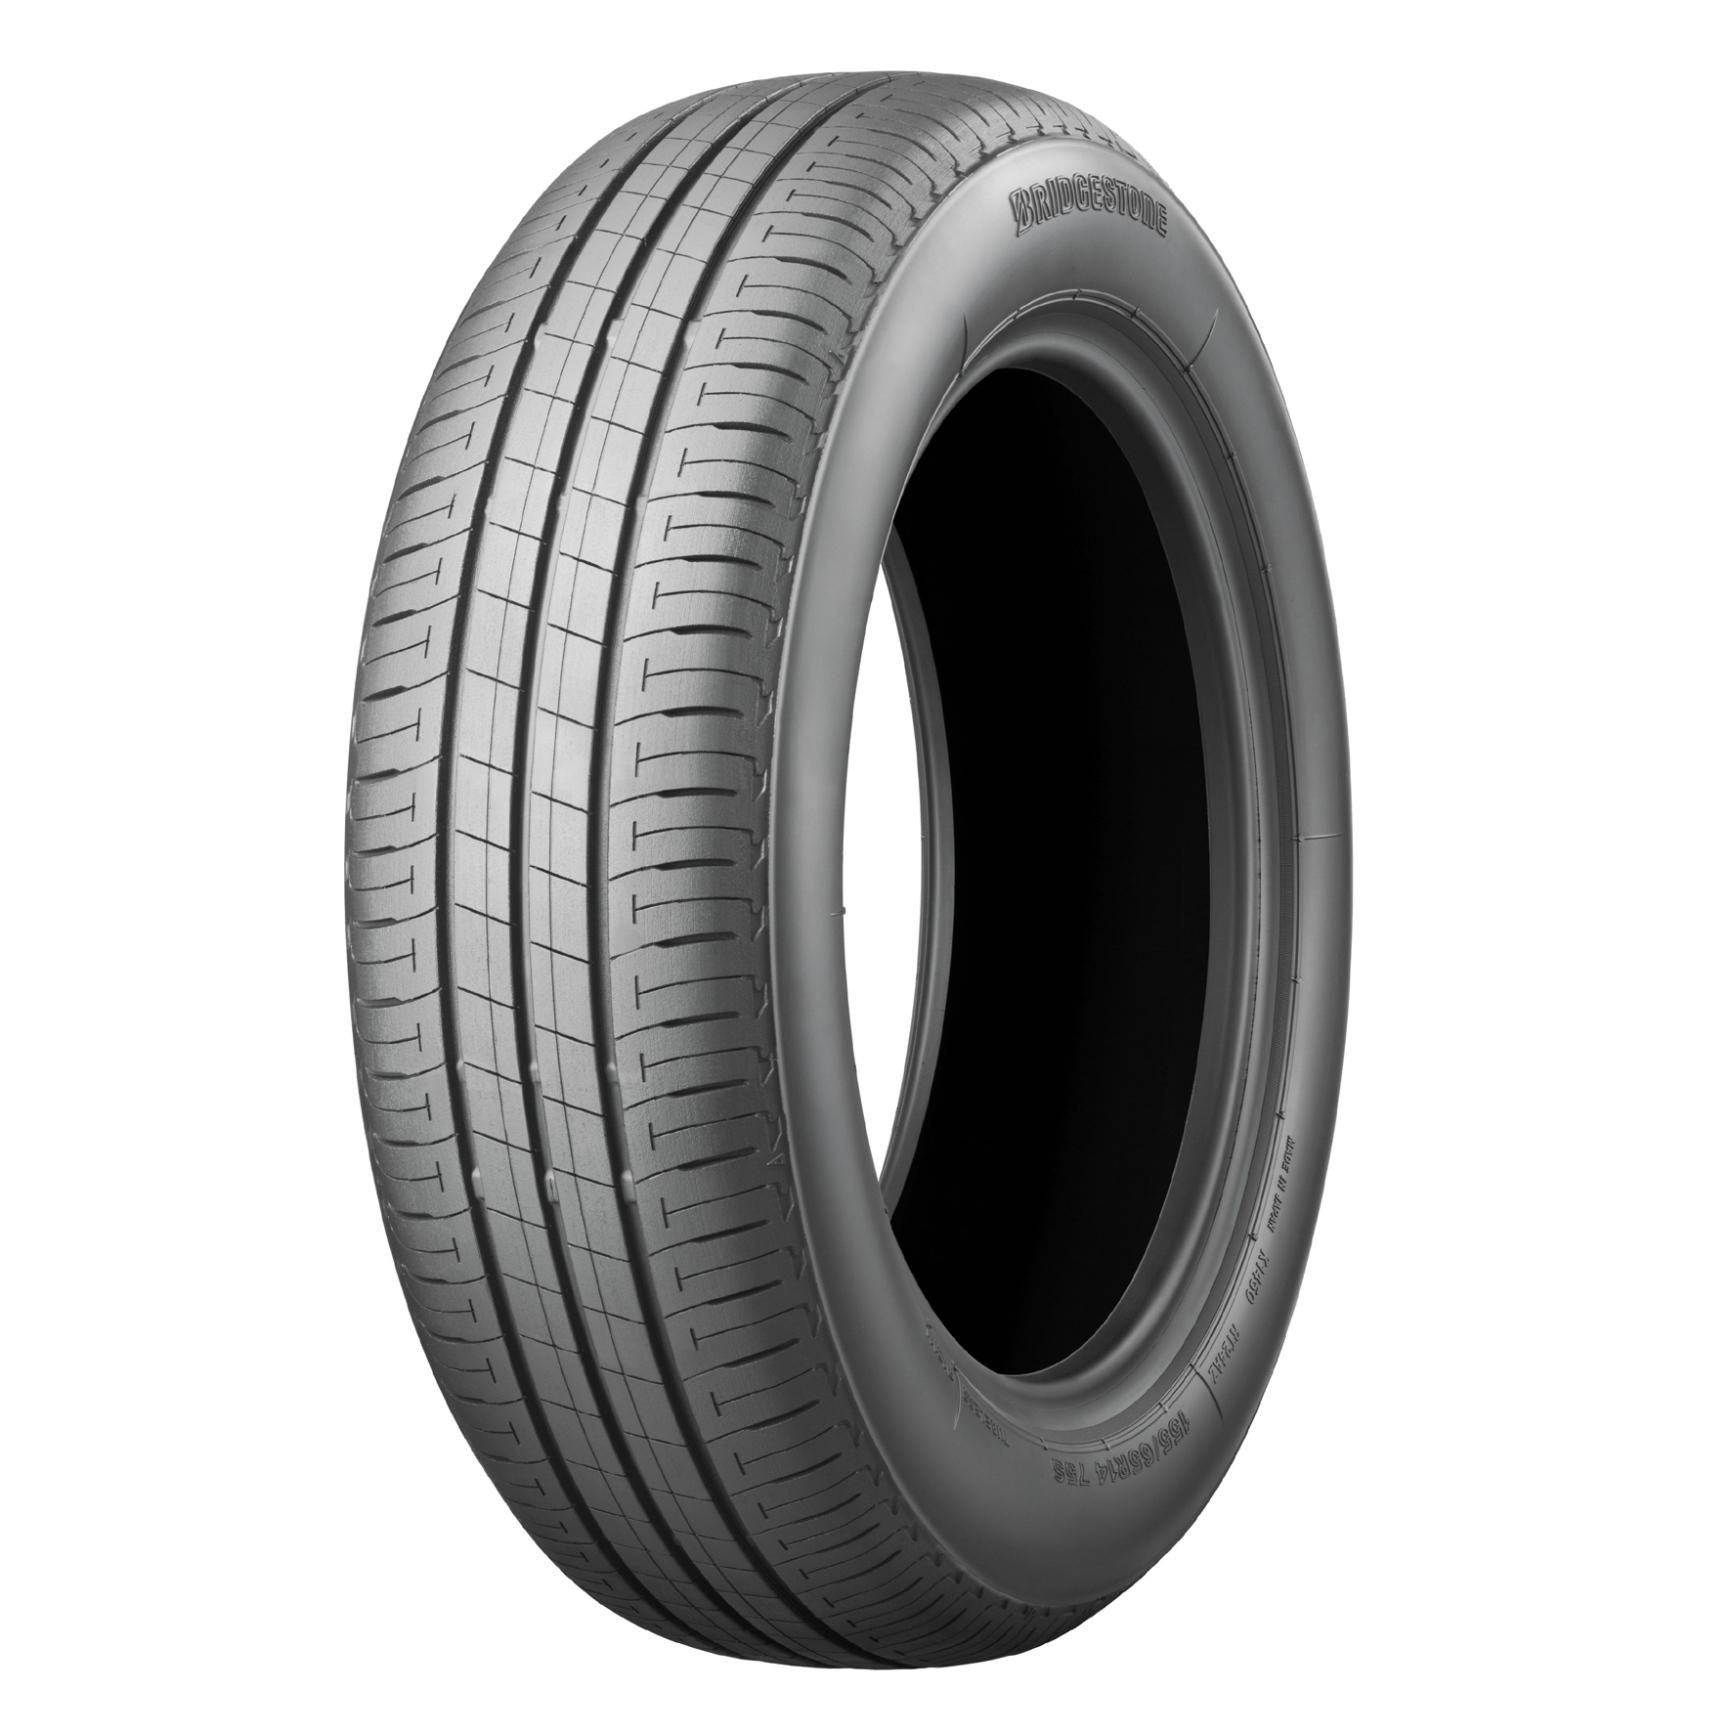 mid Düsseldorf - Bridgestone präsentiert nun den ersten Pkw-Reifen, der vollständig aus dem Gummi der Guayule-Pflanze produziert worden ist.